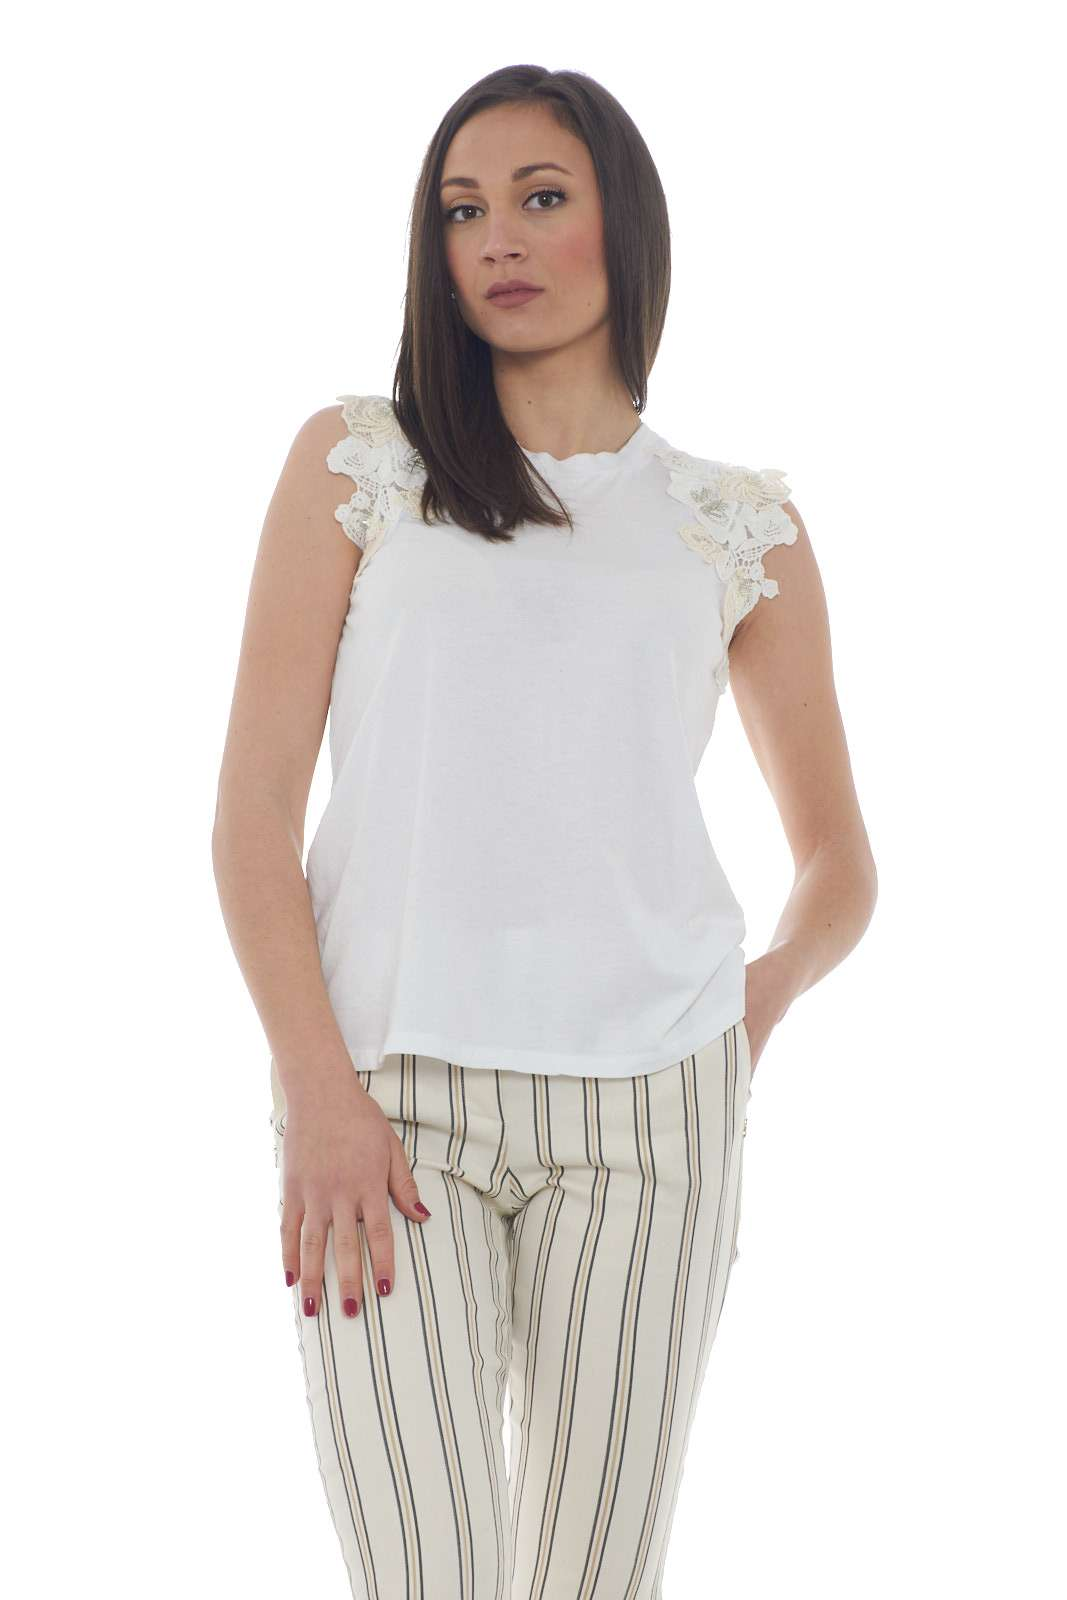 https://www.parmax.com/media/catalog/product/a/i/PE-outlet_parmax-t-shirt-donna-TwinSet-191tt2201-A.jpg